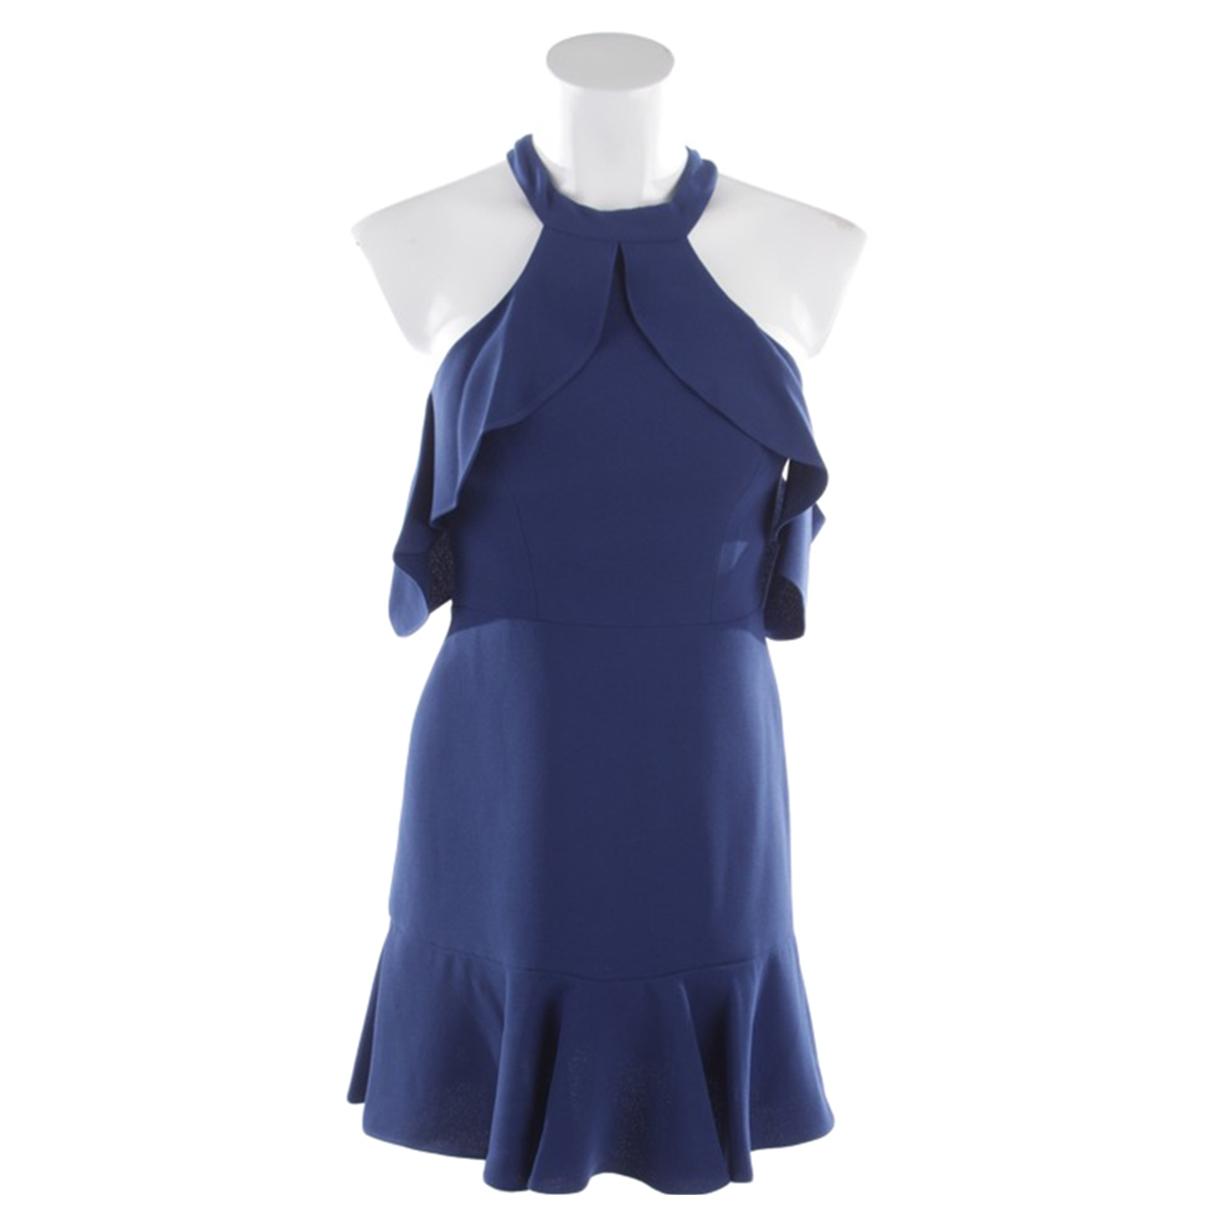 Bcbg Max Azria \N Kleid in  Blau Polyester